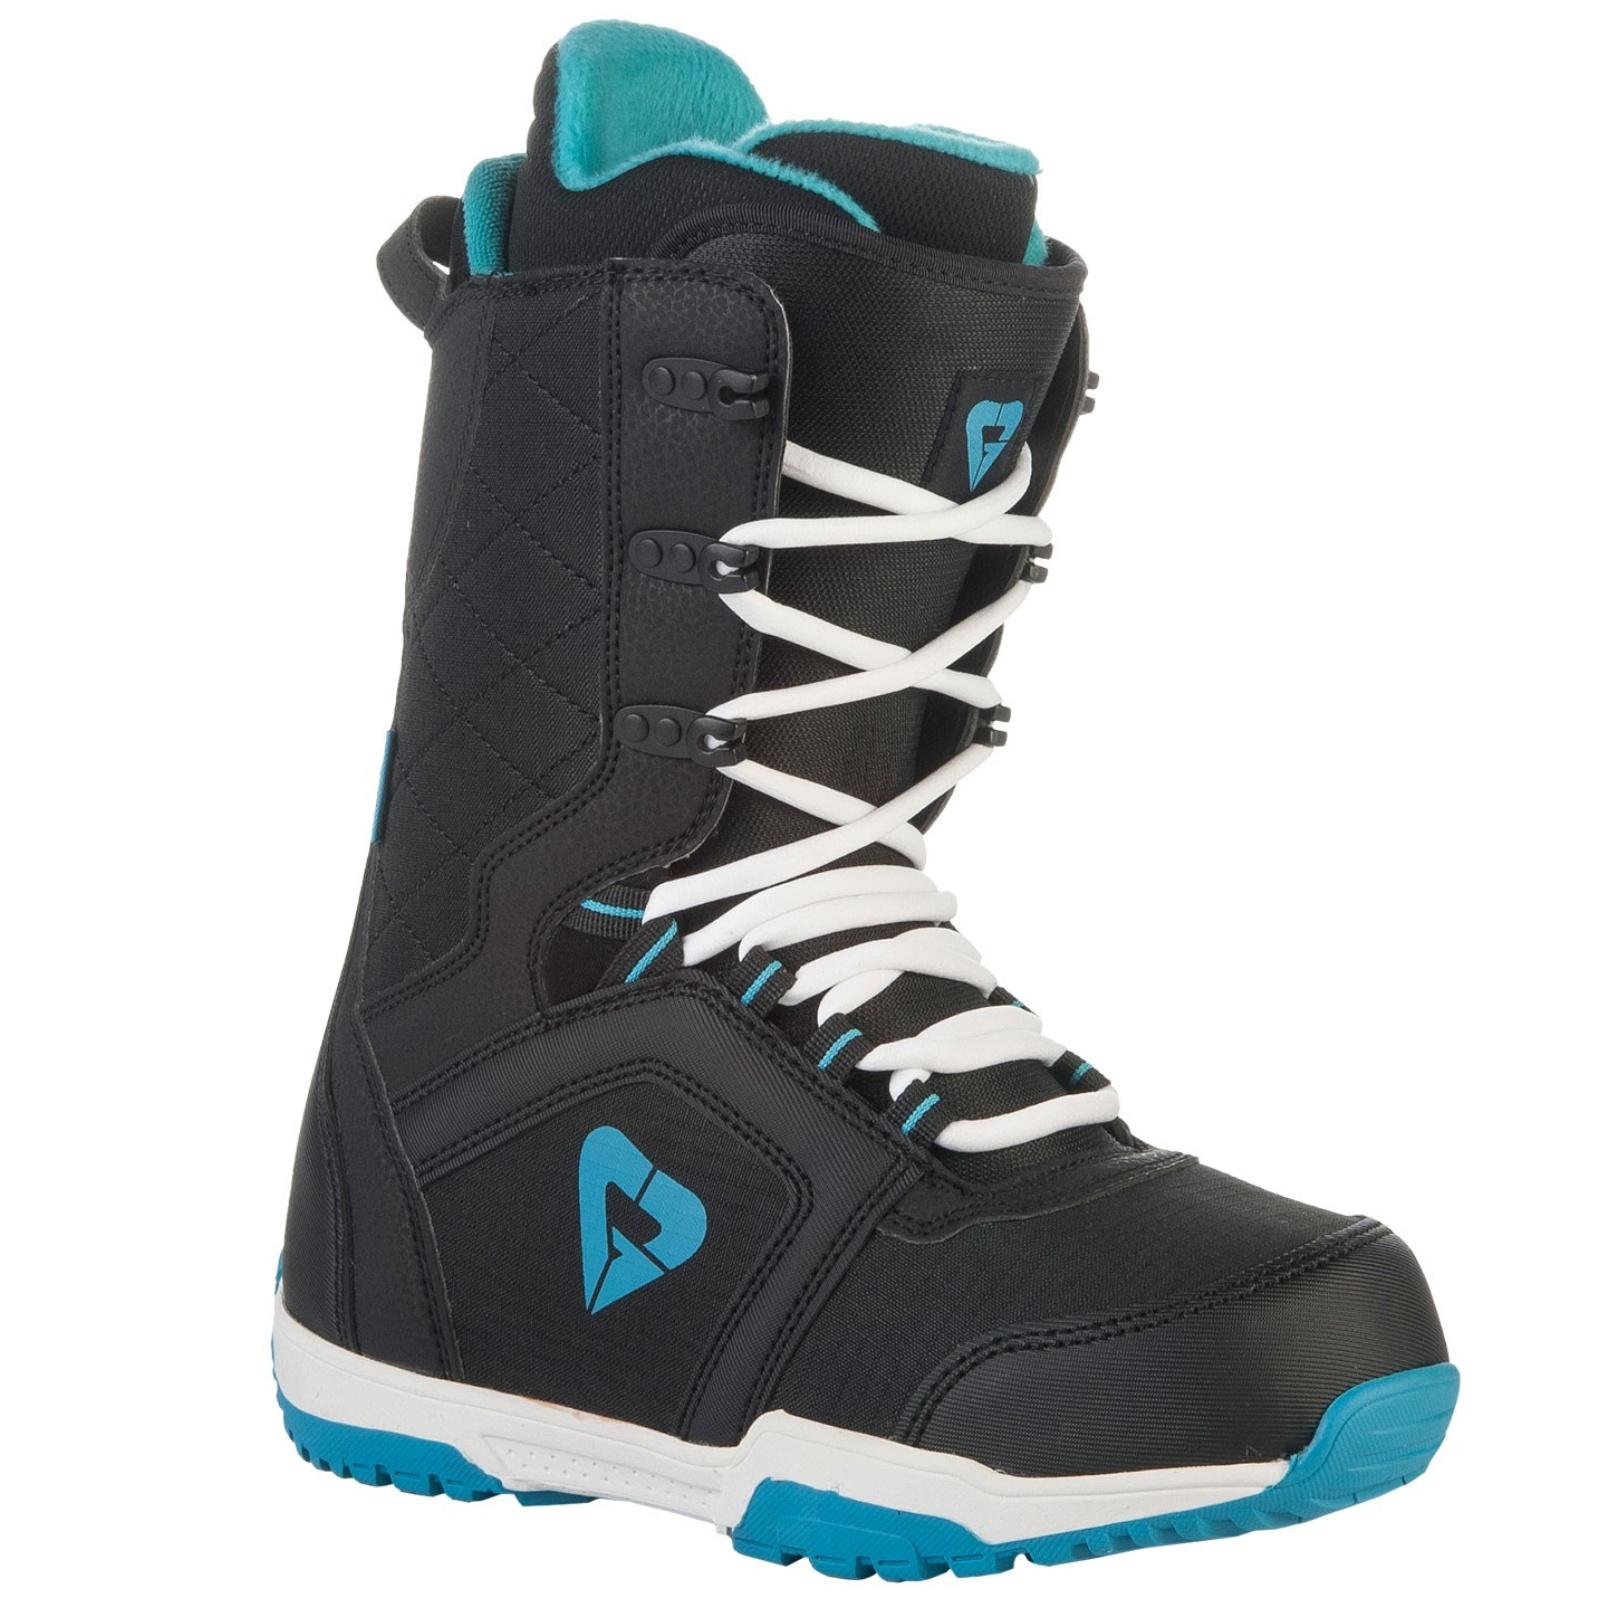 Boty na snowboard GRAVITY Aura - černé - vel. 38